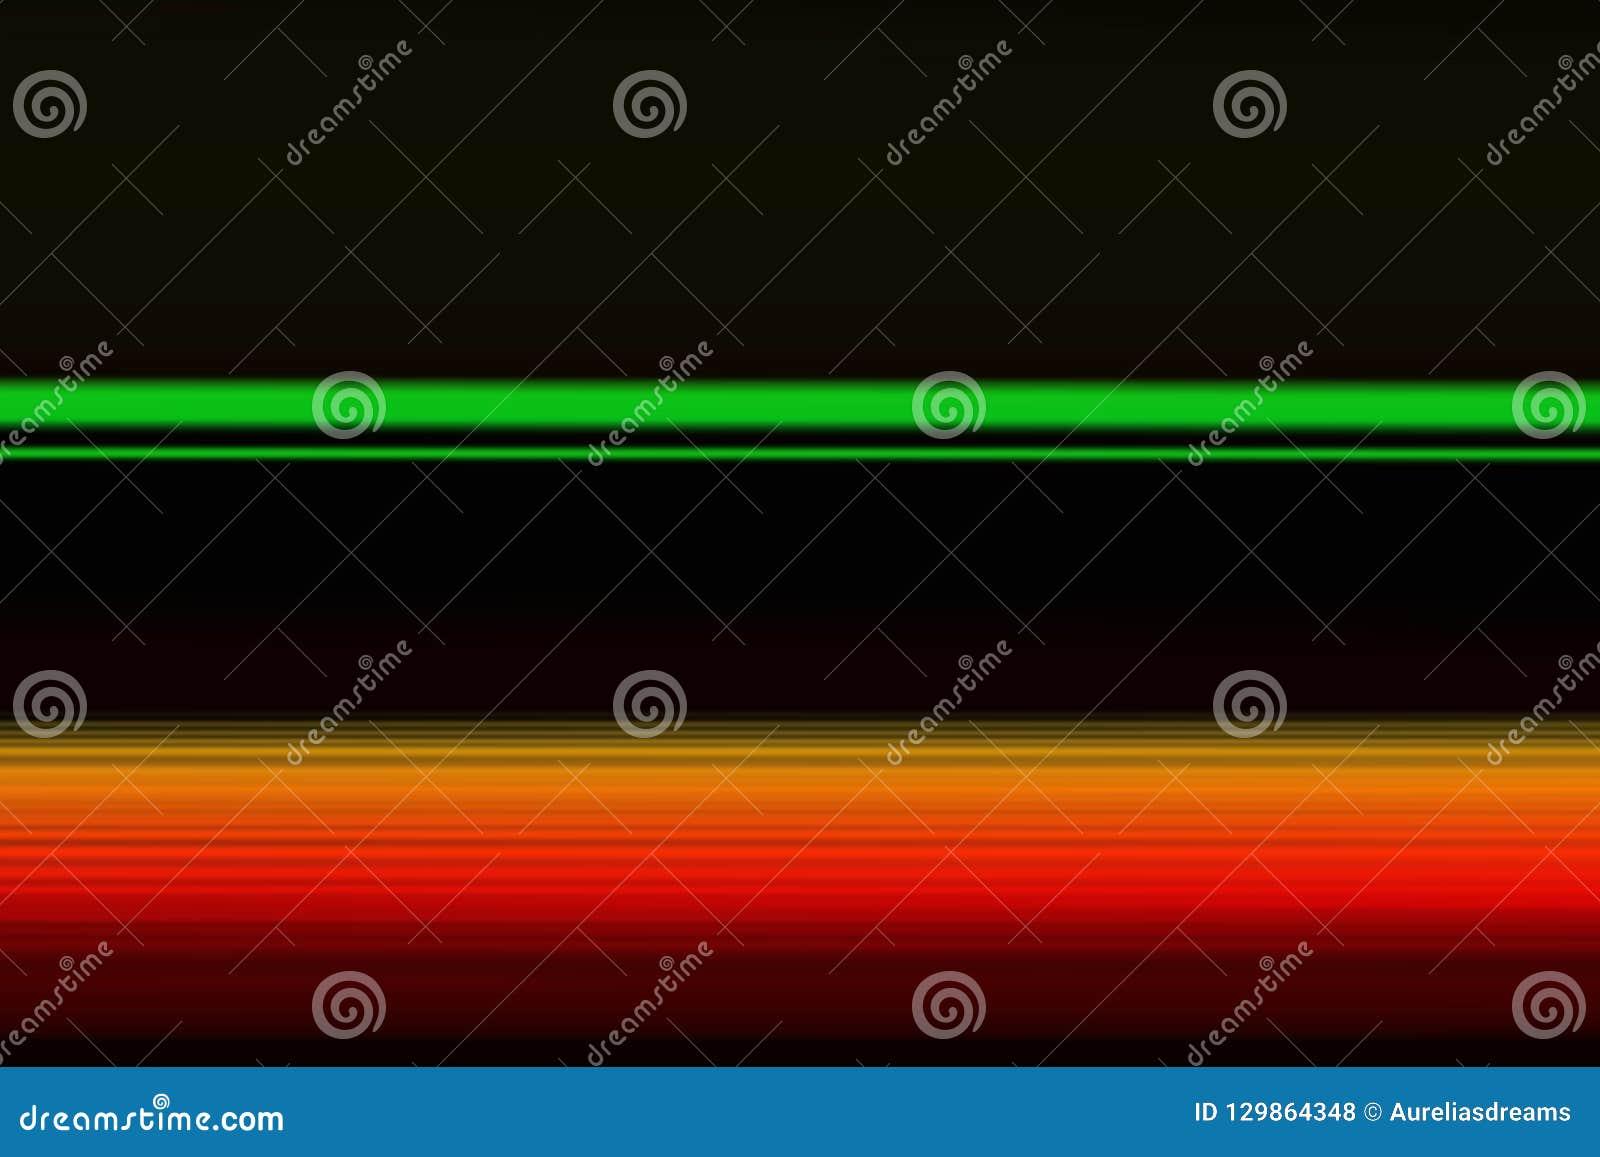 Lineas horizontales brillantes fondo del extracto olorful del ¡de Ð